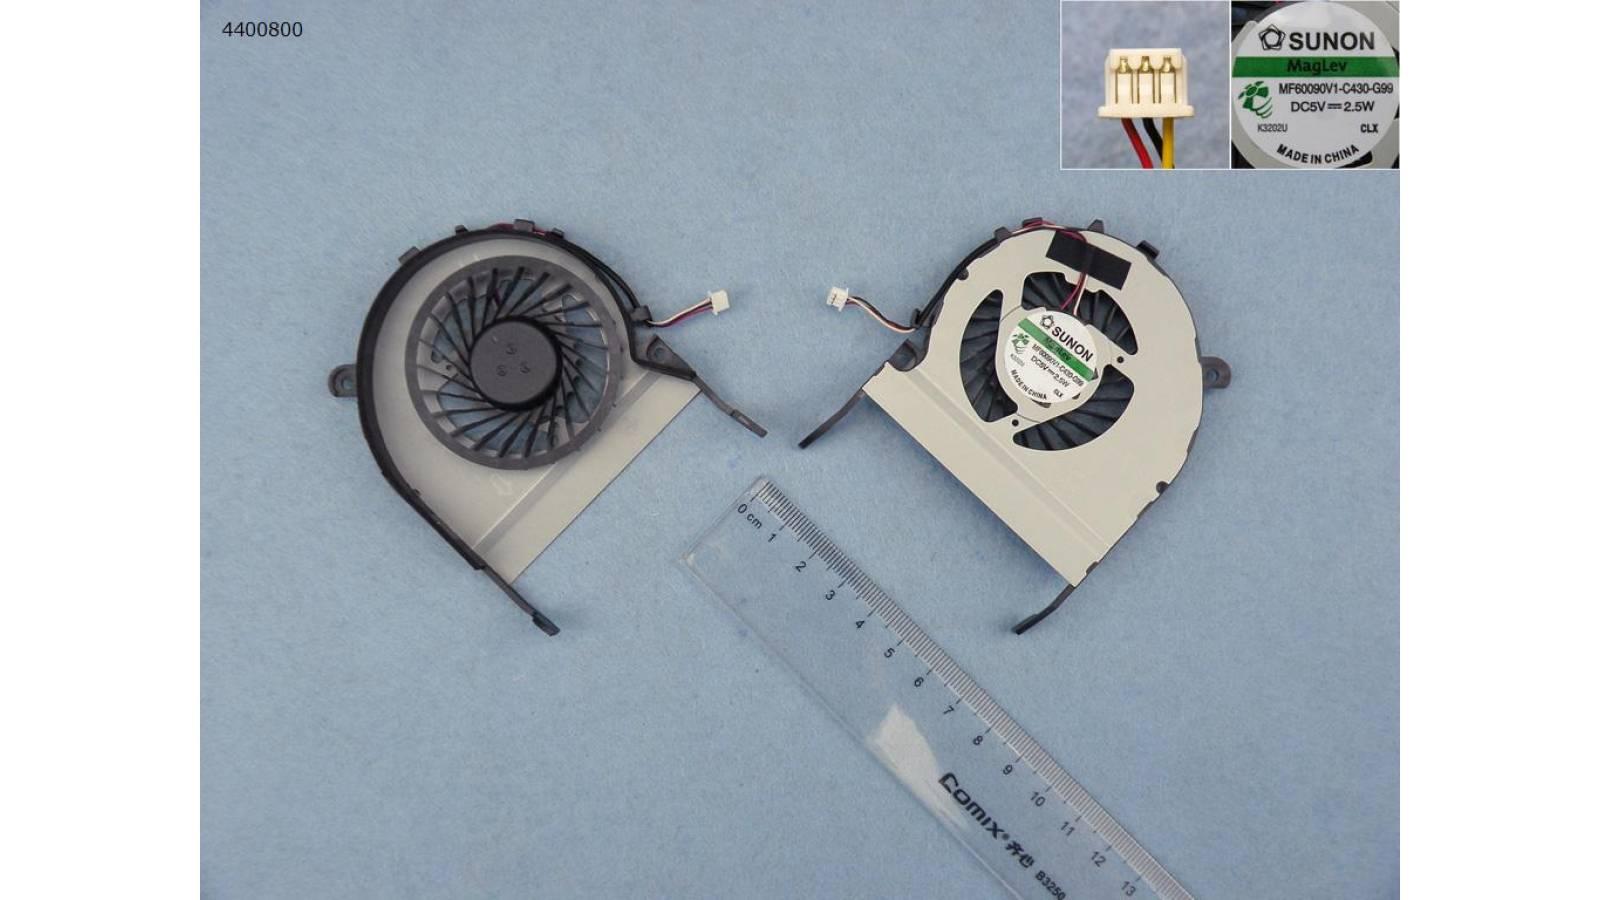 FAN COOLER TOSHIBA L800 L800-S23W L800-S22W